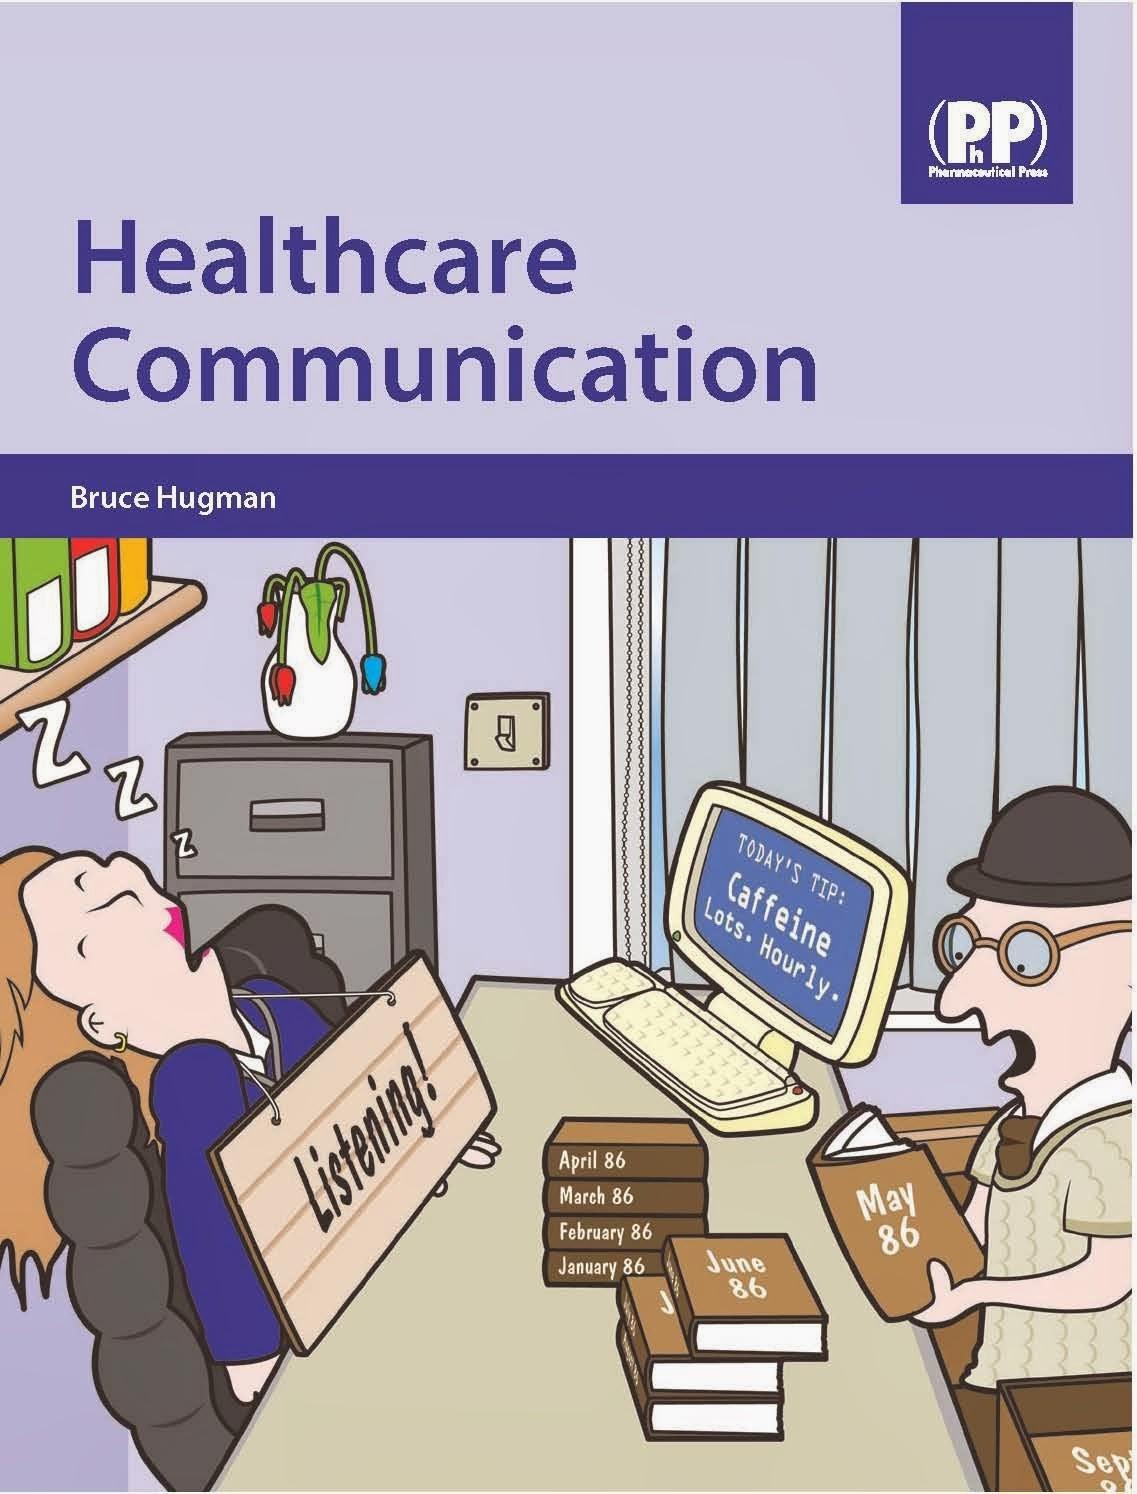 Bruce Hugman, Truyền thông trong chăm sóc y tế